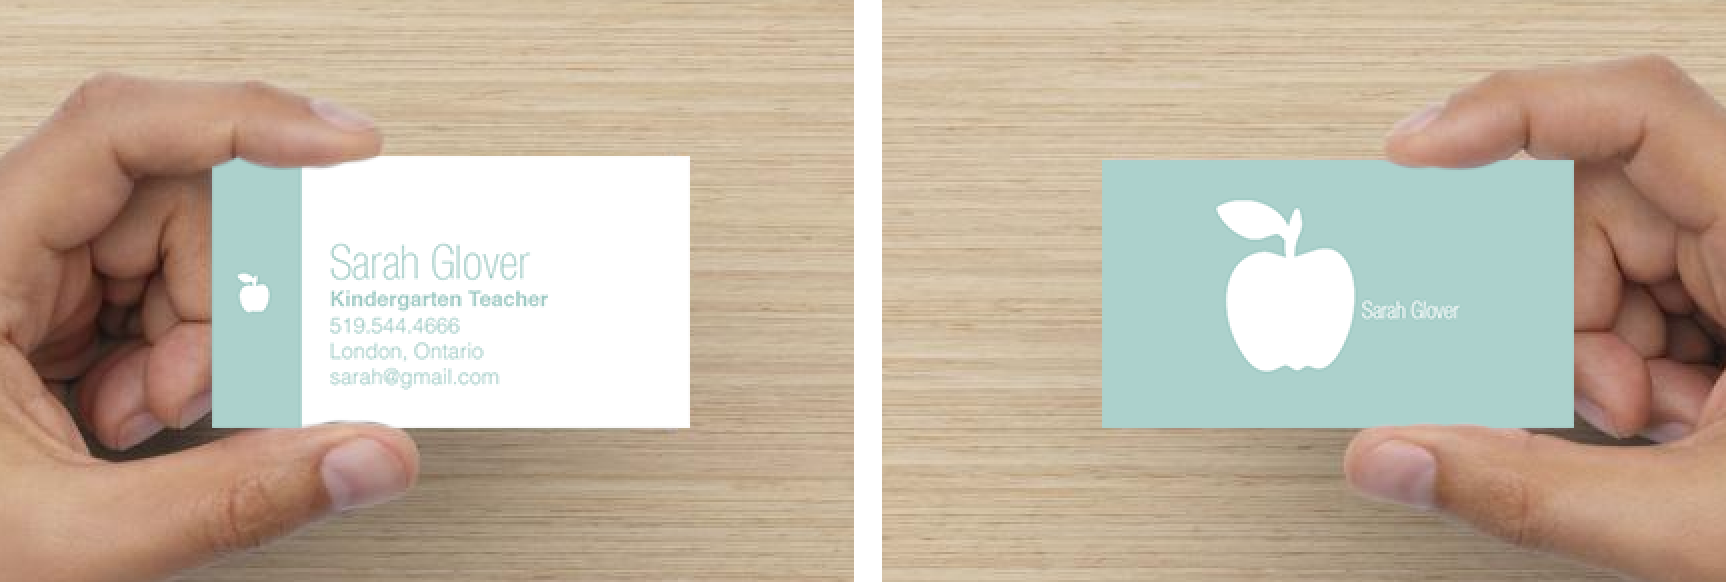 Teacher Business Card - Modern Double Sided | Work | Pinterest ...